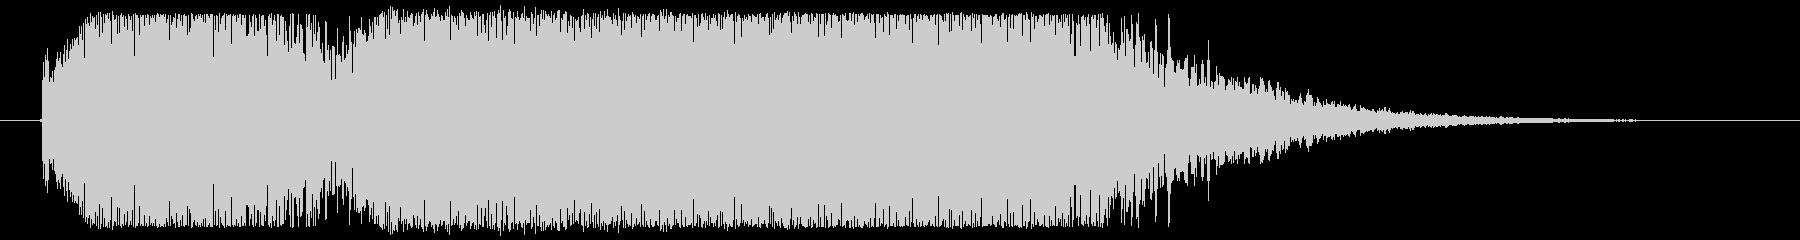 シャキーン!ド派手なインパクトに最適10の未再生の波形